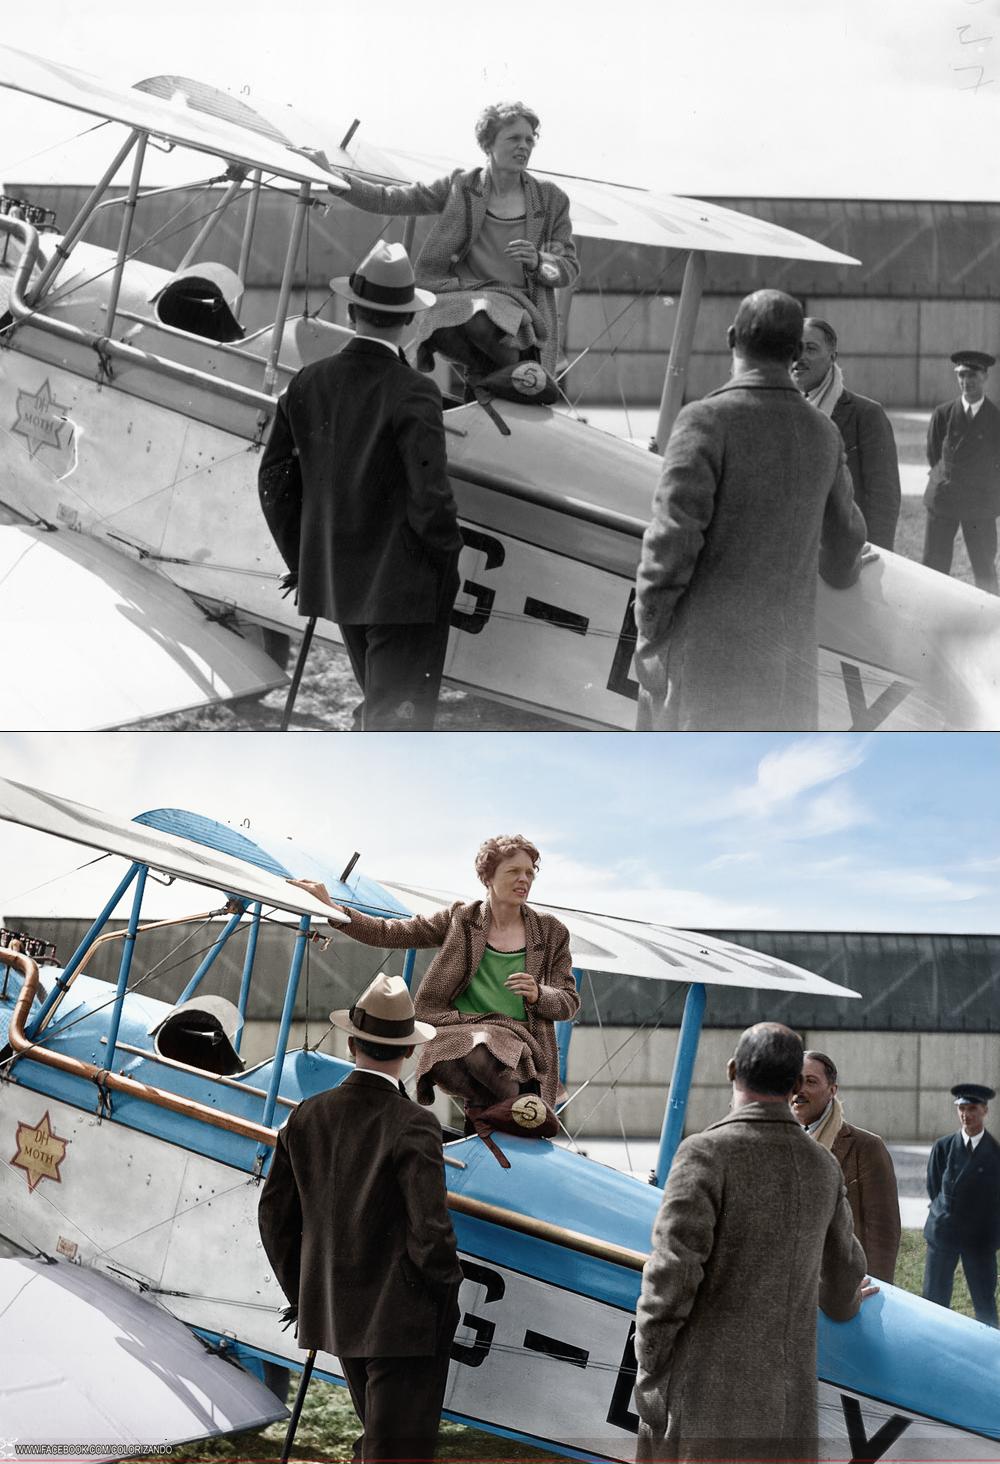 """Amelia Earhart (1897-1937) foi pioneira norte-americana na aviação dos Estados Unidos. Foi defensora dos direitos das mulheres e a primeira mulher a pilotar sozinha pelo oceano Atlântico. Recebeu a condecoração """"The Distinguished Flying Cross"""" por ter realizado o feito.  http://colorizandopage.blogspot.com.br/"""